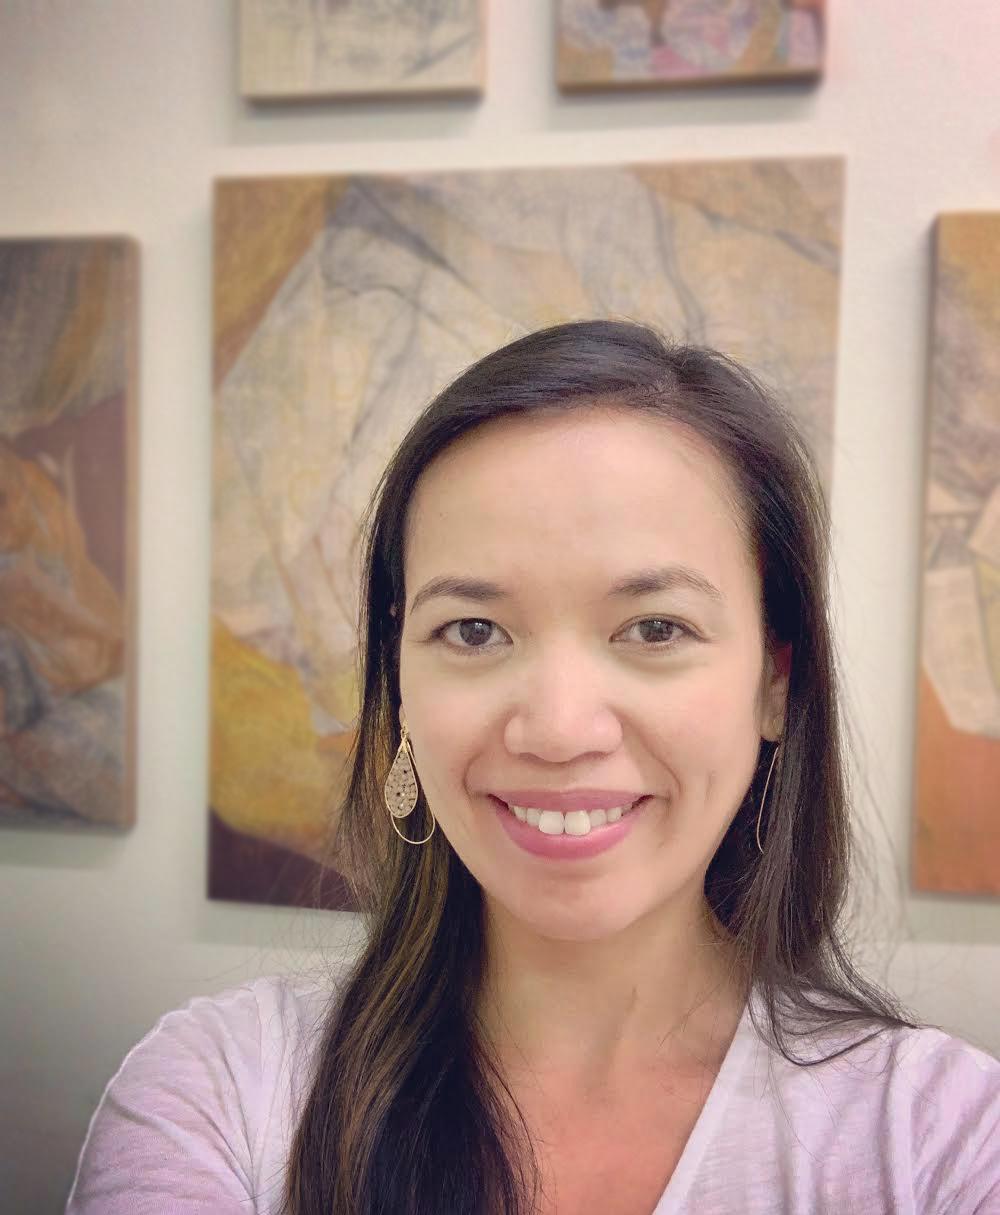 Rea Lynn de Guzman in front of her work.